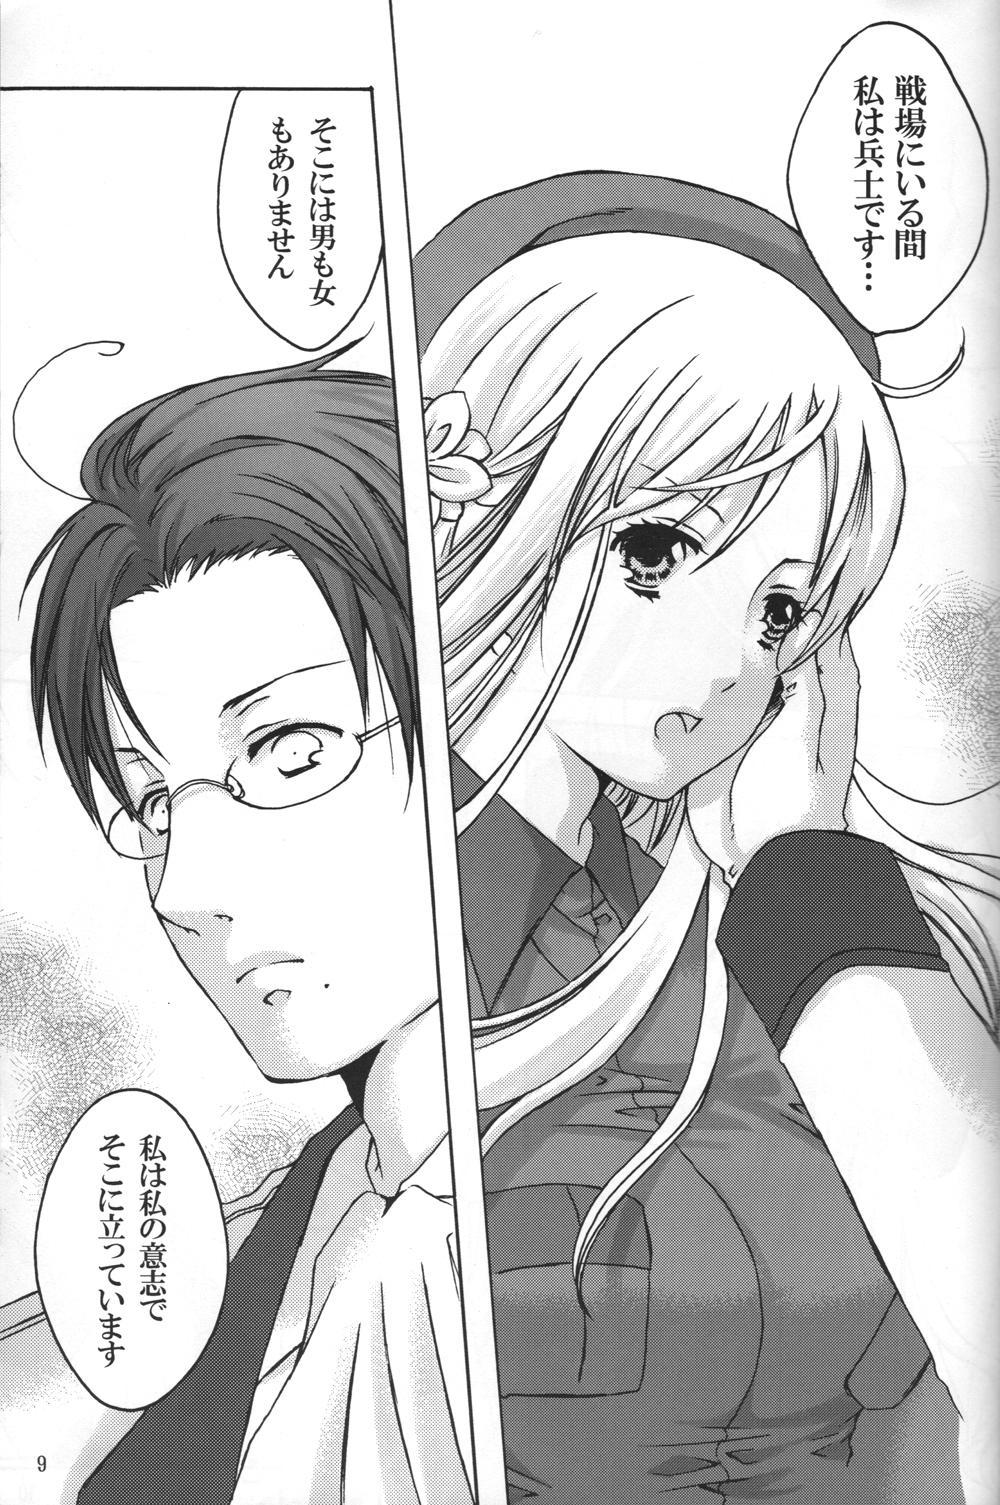 Rin to Shite Saku Hana no Gotoku 8